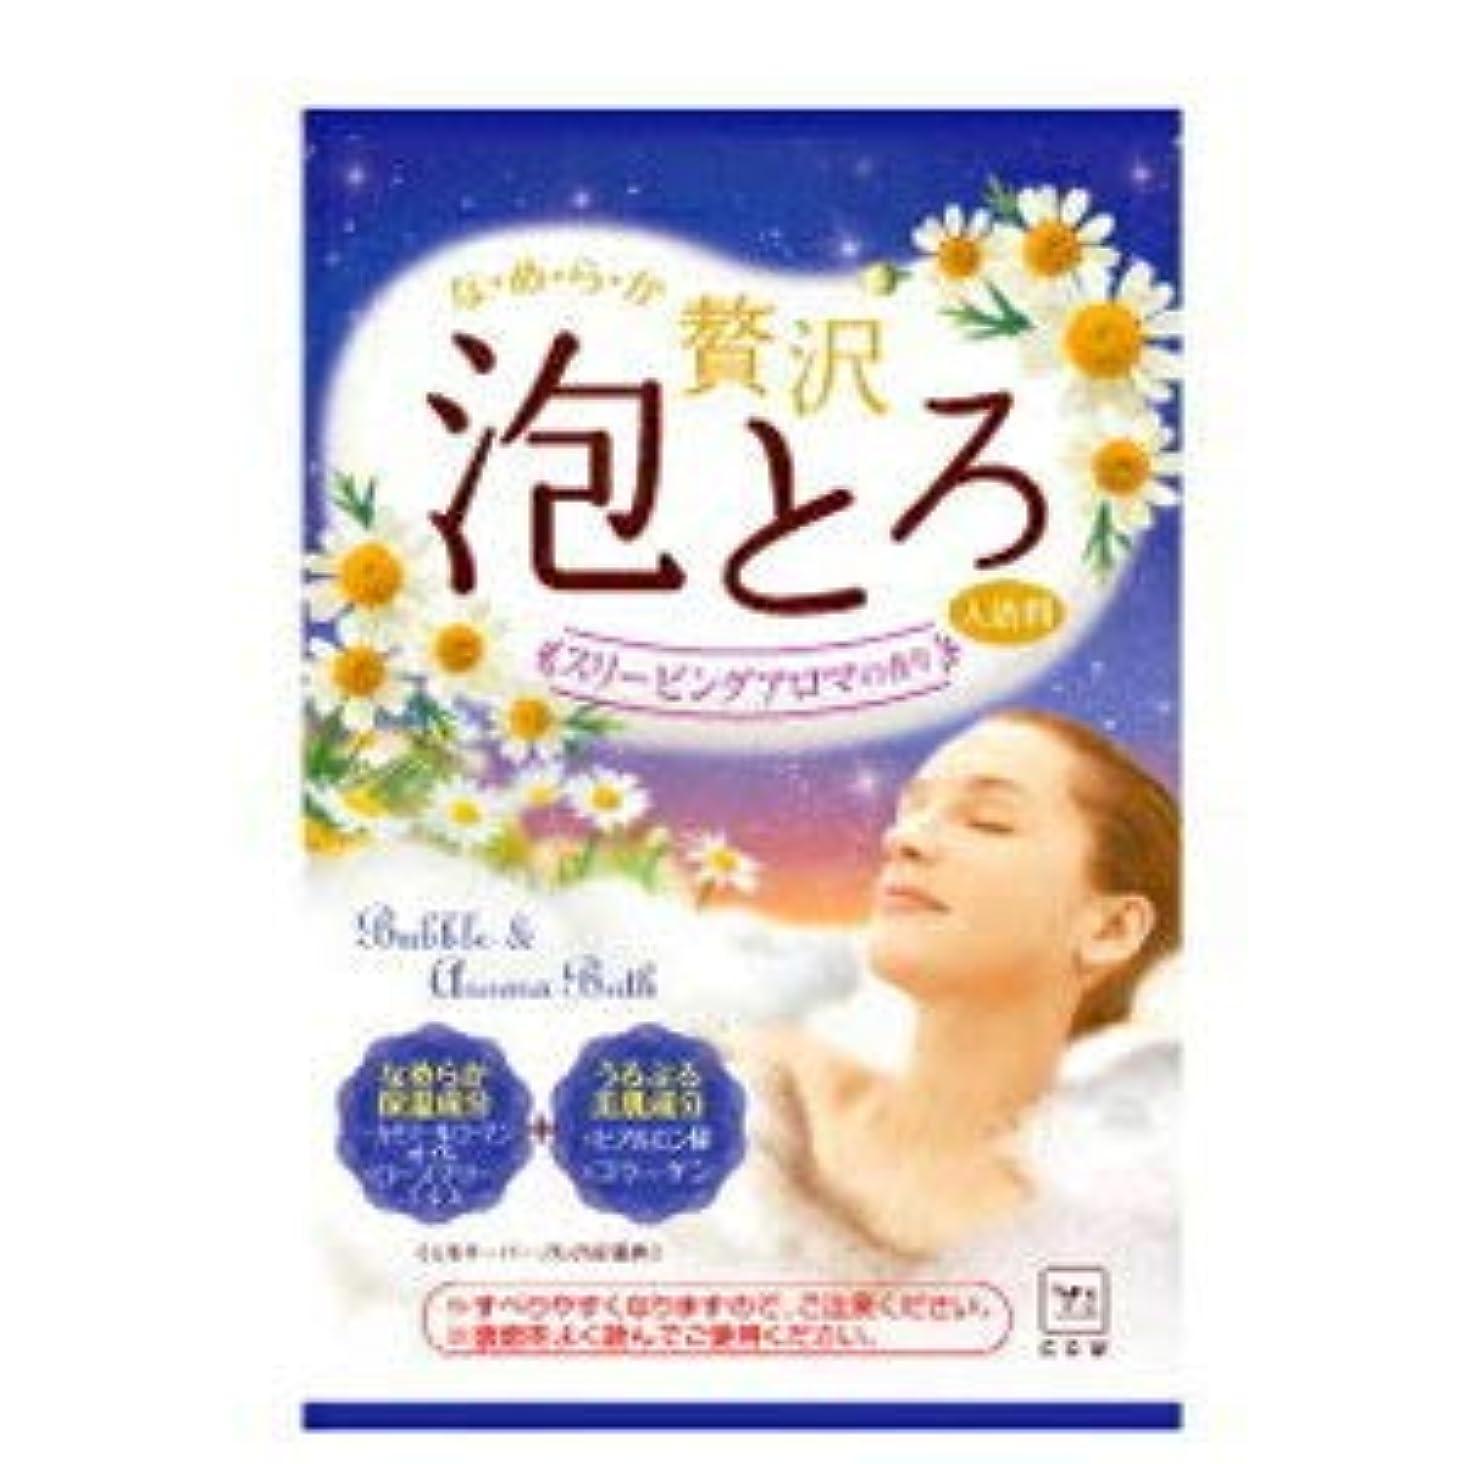 パンサー評価農業牛乳石鹸 お湯物語 贅沢泡とろ 入浴料 スリーピングアロマ 30g 16個セット